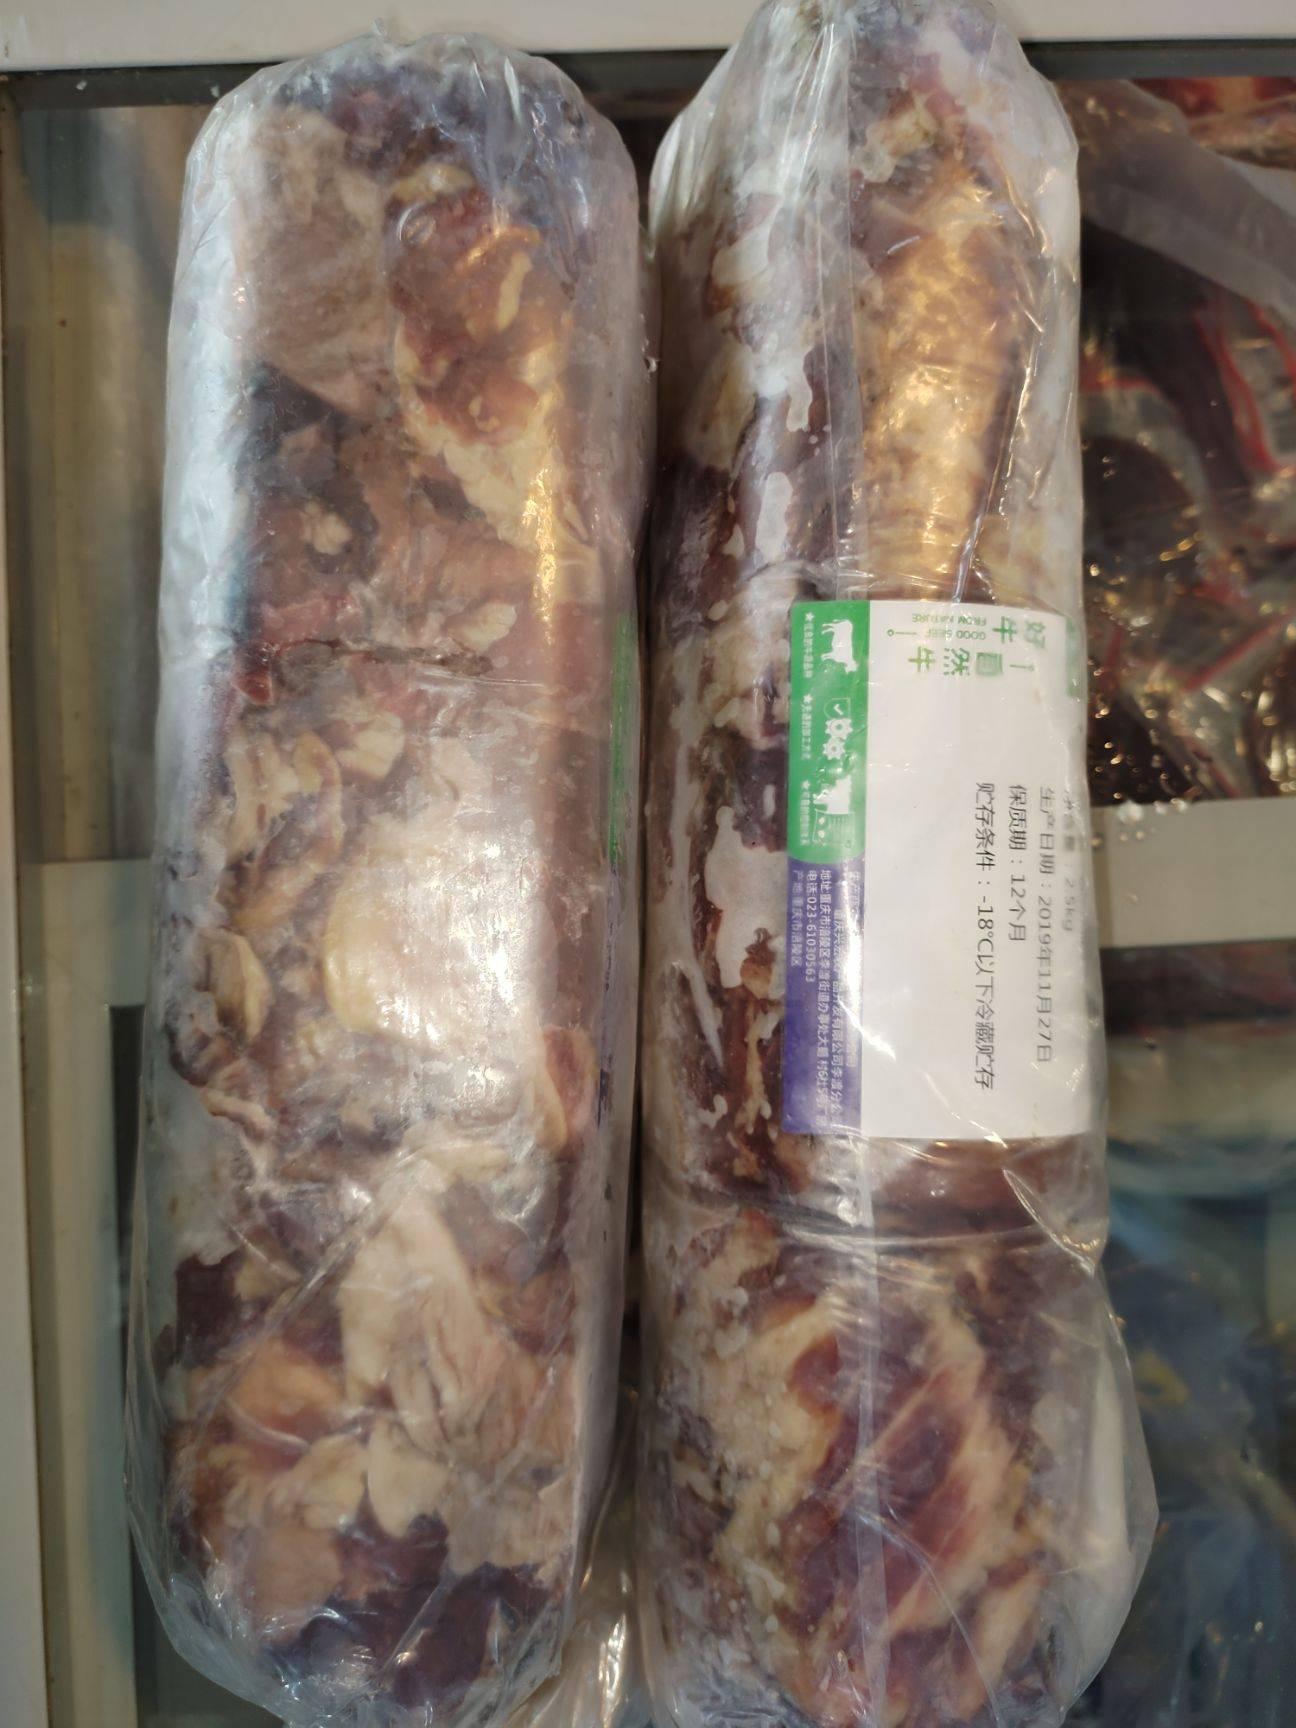 [牛碎肉批发] 纯干牛碎肉价格80元/包